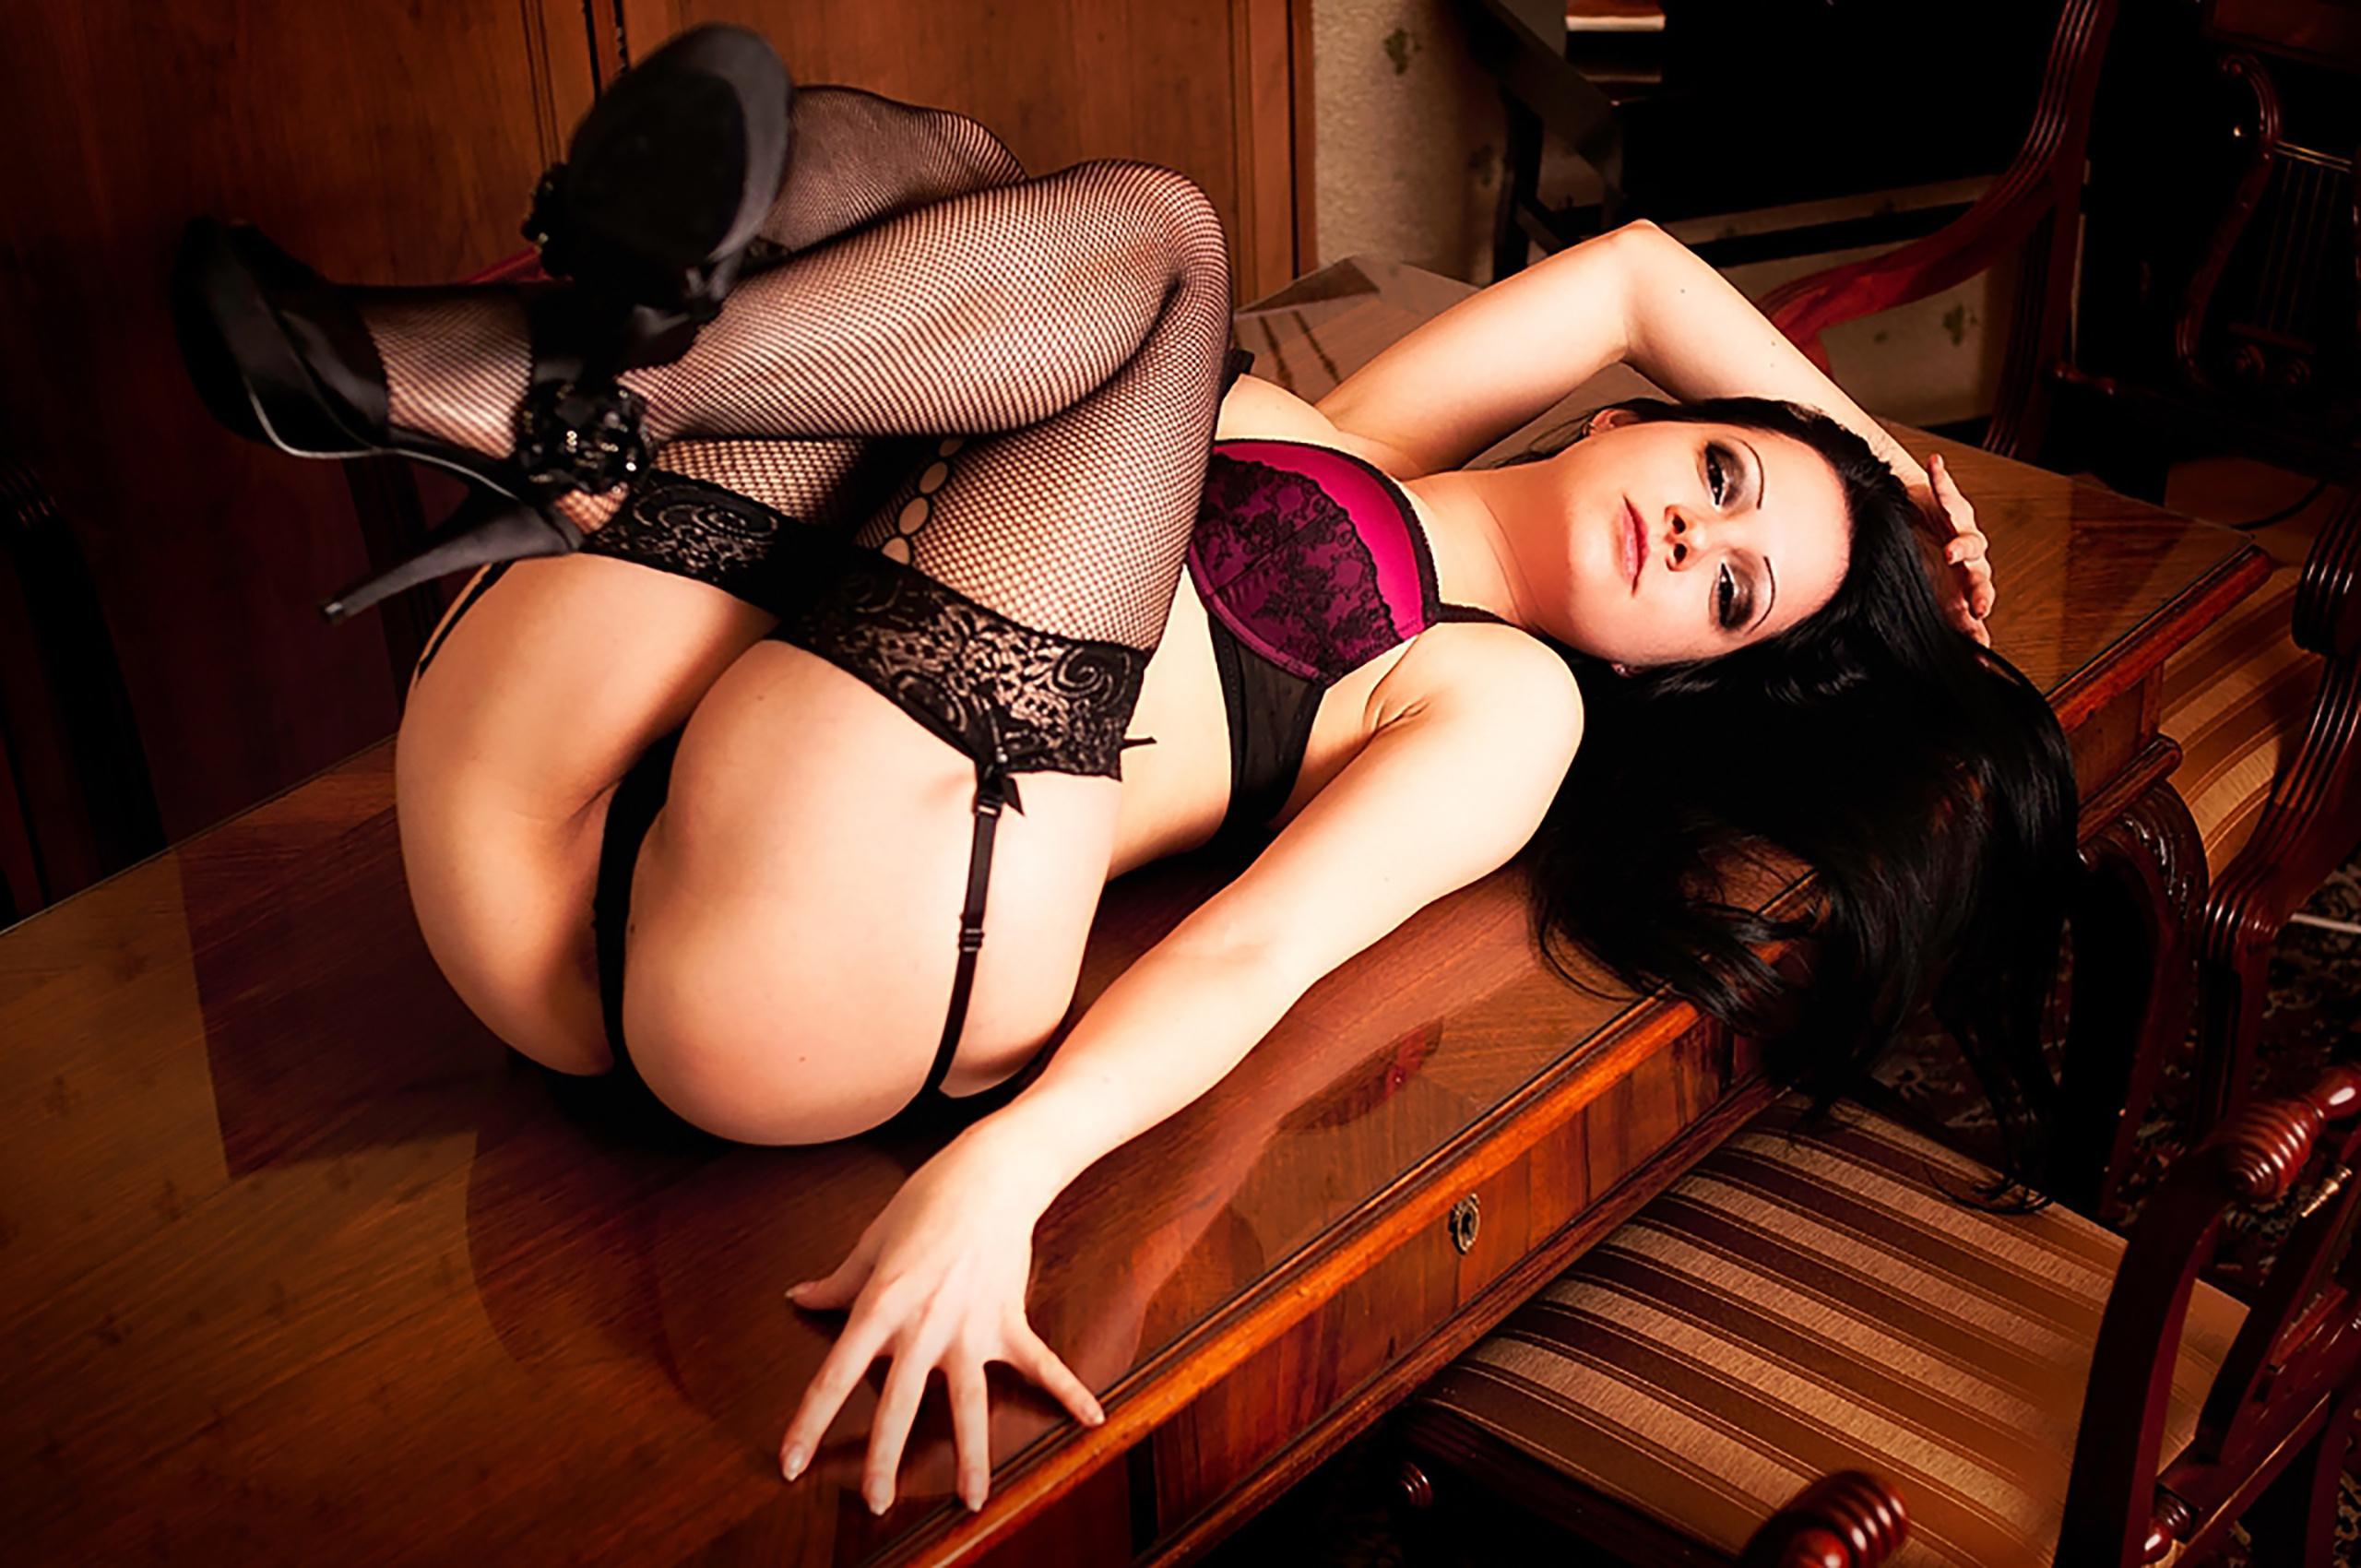 Чулки порно в красном на столе 6 фотография